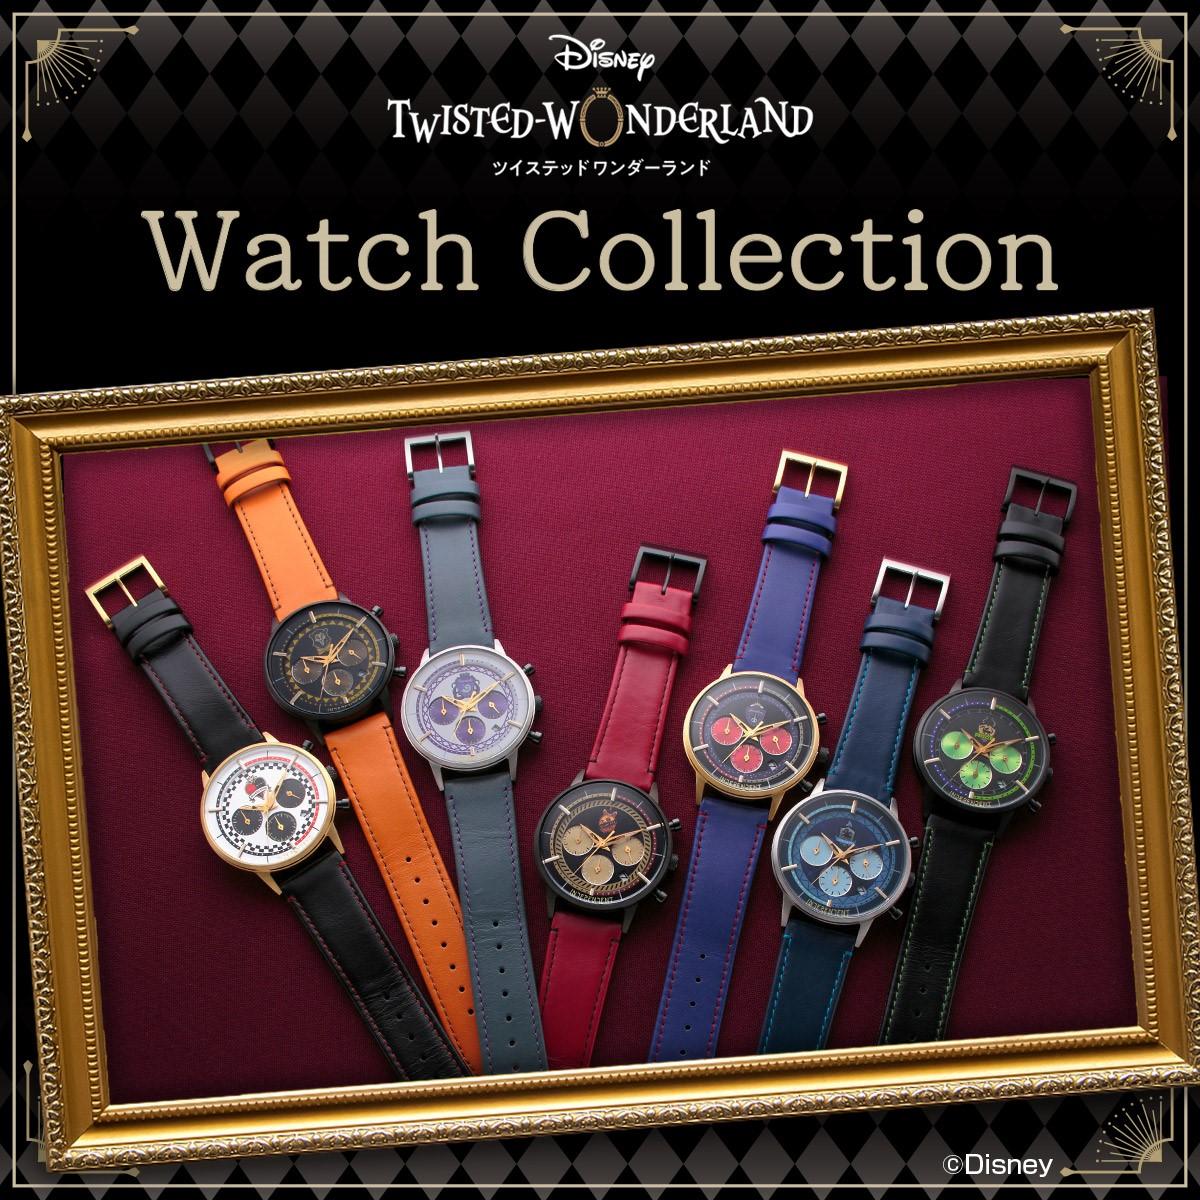 『ツイステ』各寮イメージの腕時計が登場!カラーやモチーフにこだわった個性豊かなデザイン